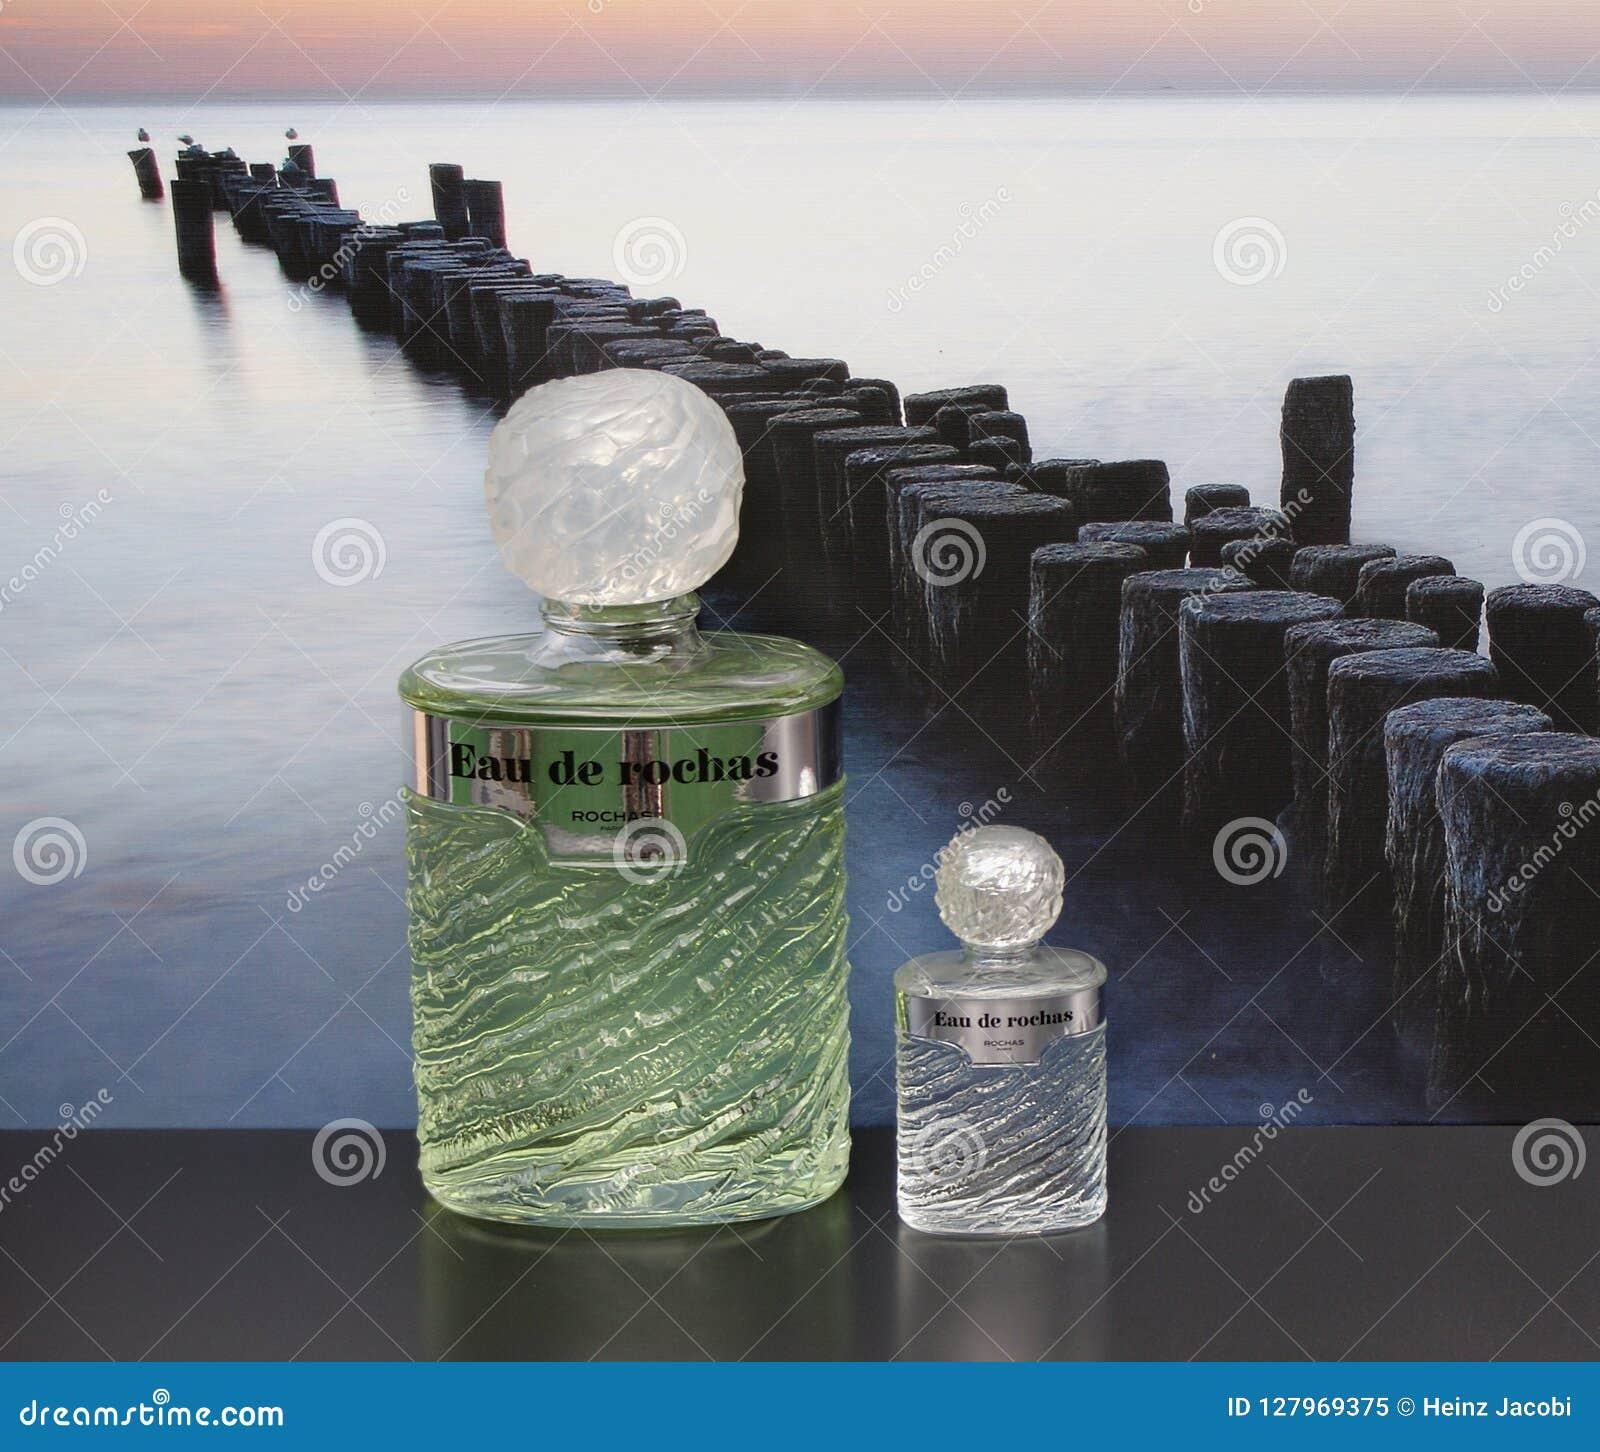 Eau De Rochas, woń dla dam, wielka pachnidło butelka obok handlowej pachnidło butelki przed obrazkiem groyne